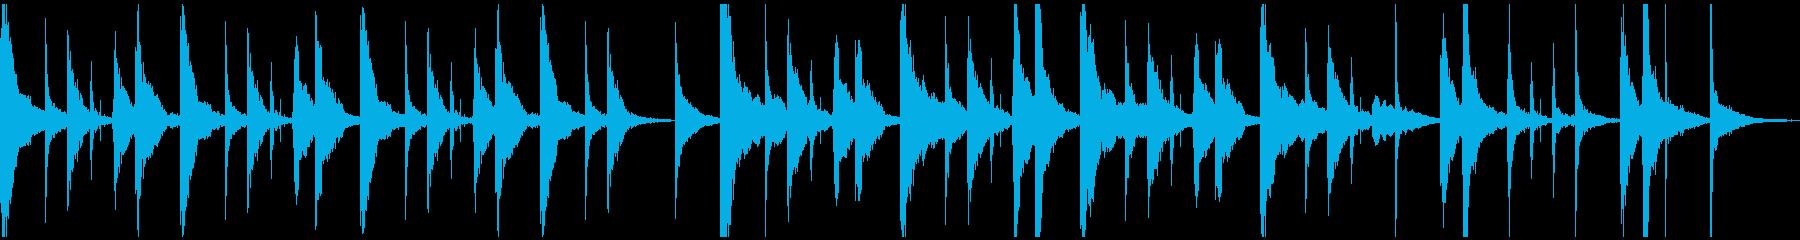 ほのぼのムードのジングル(ループ)の再生済みの波形